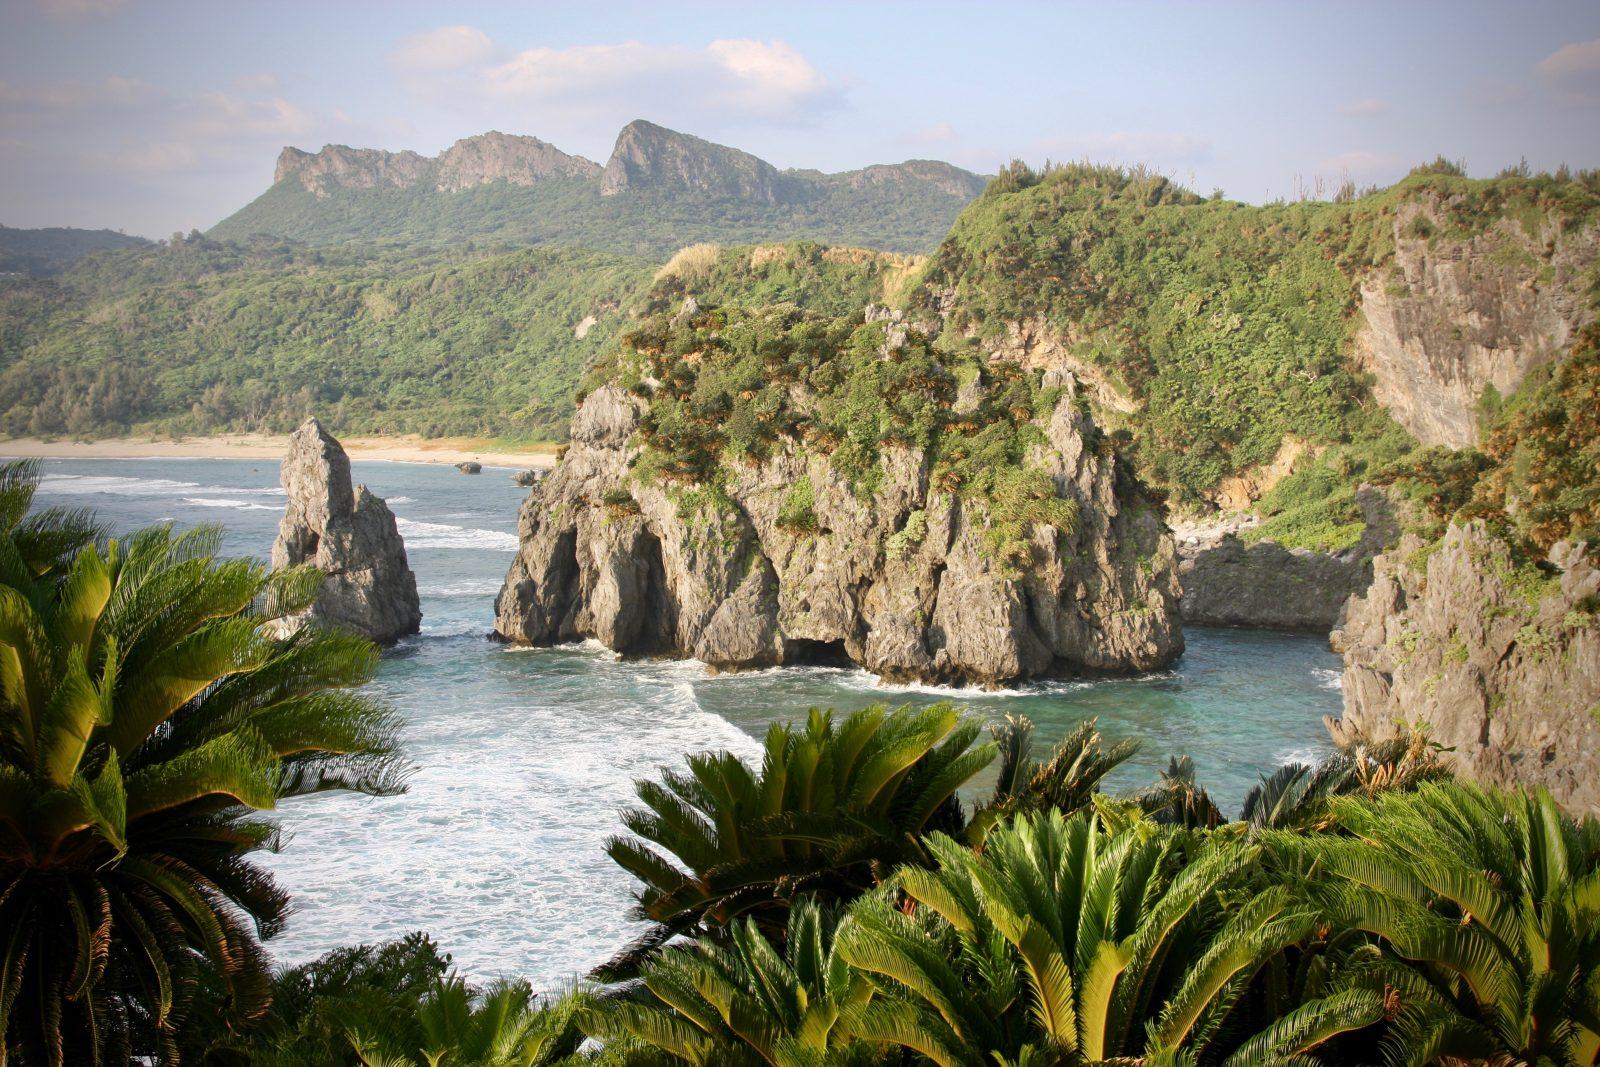 Küste Okinawa Zorillafilm Grospitz Westphalen